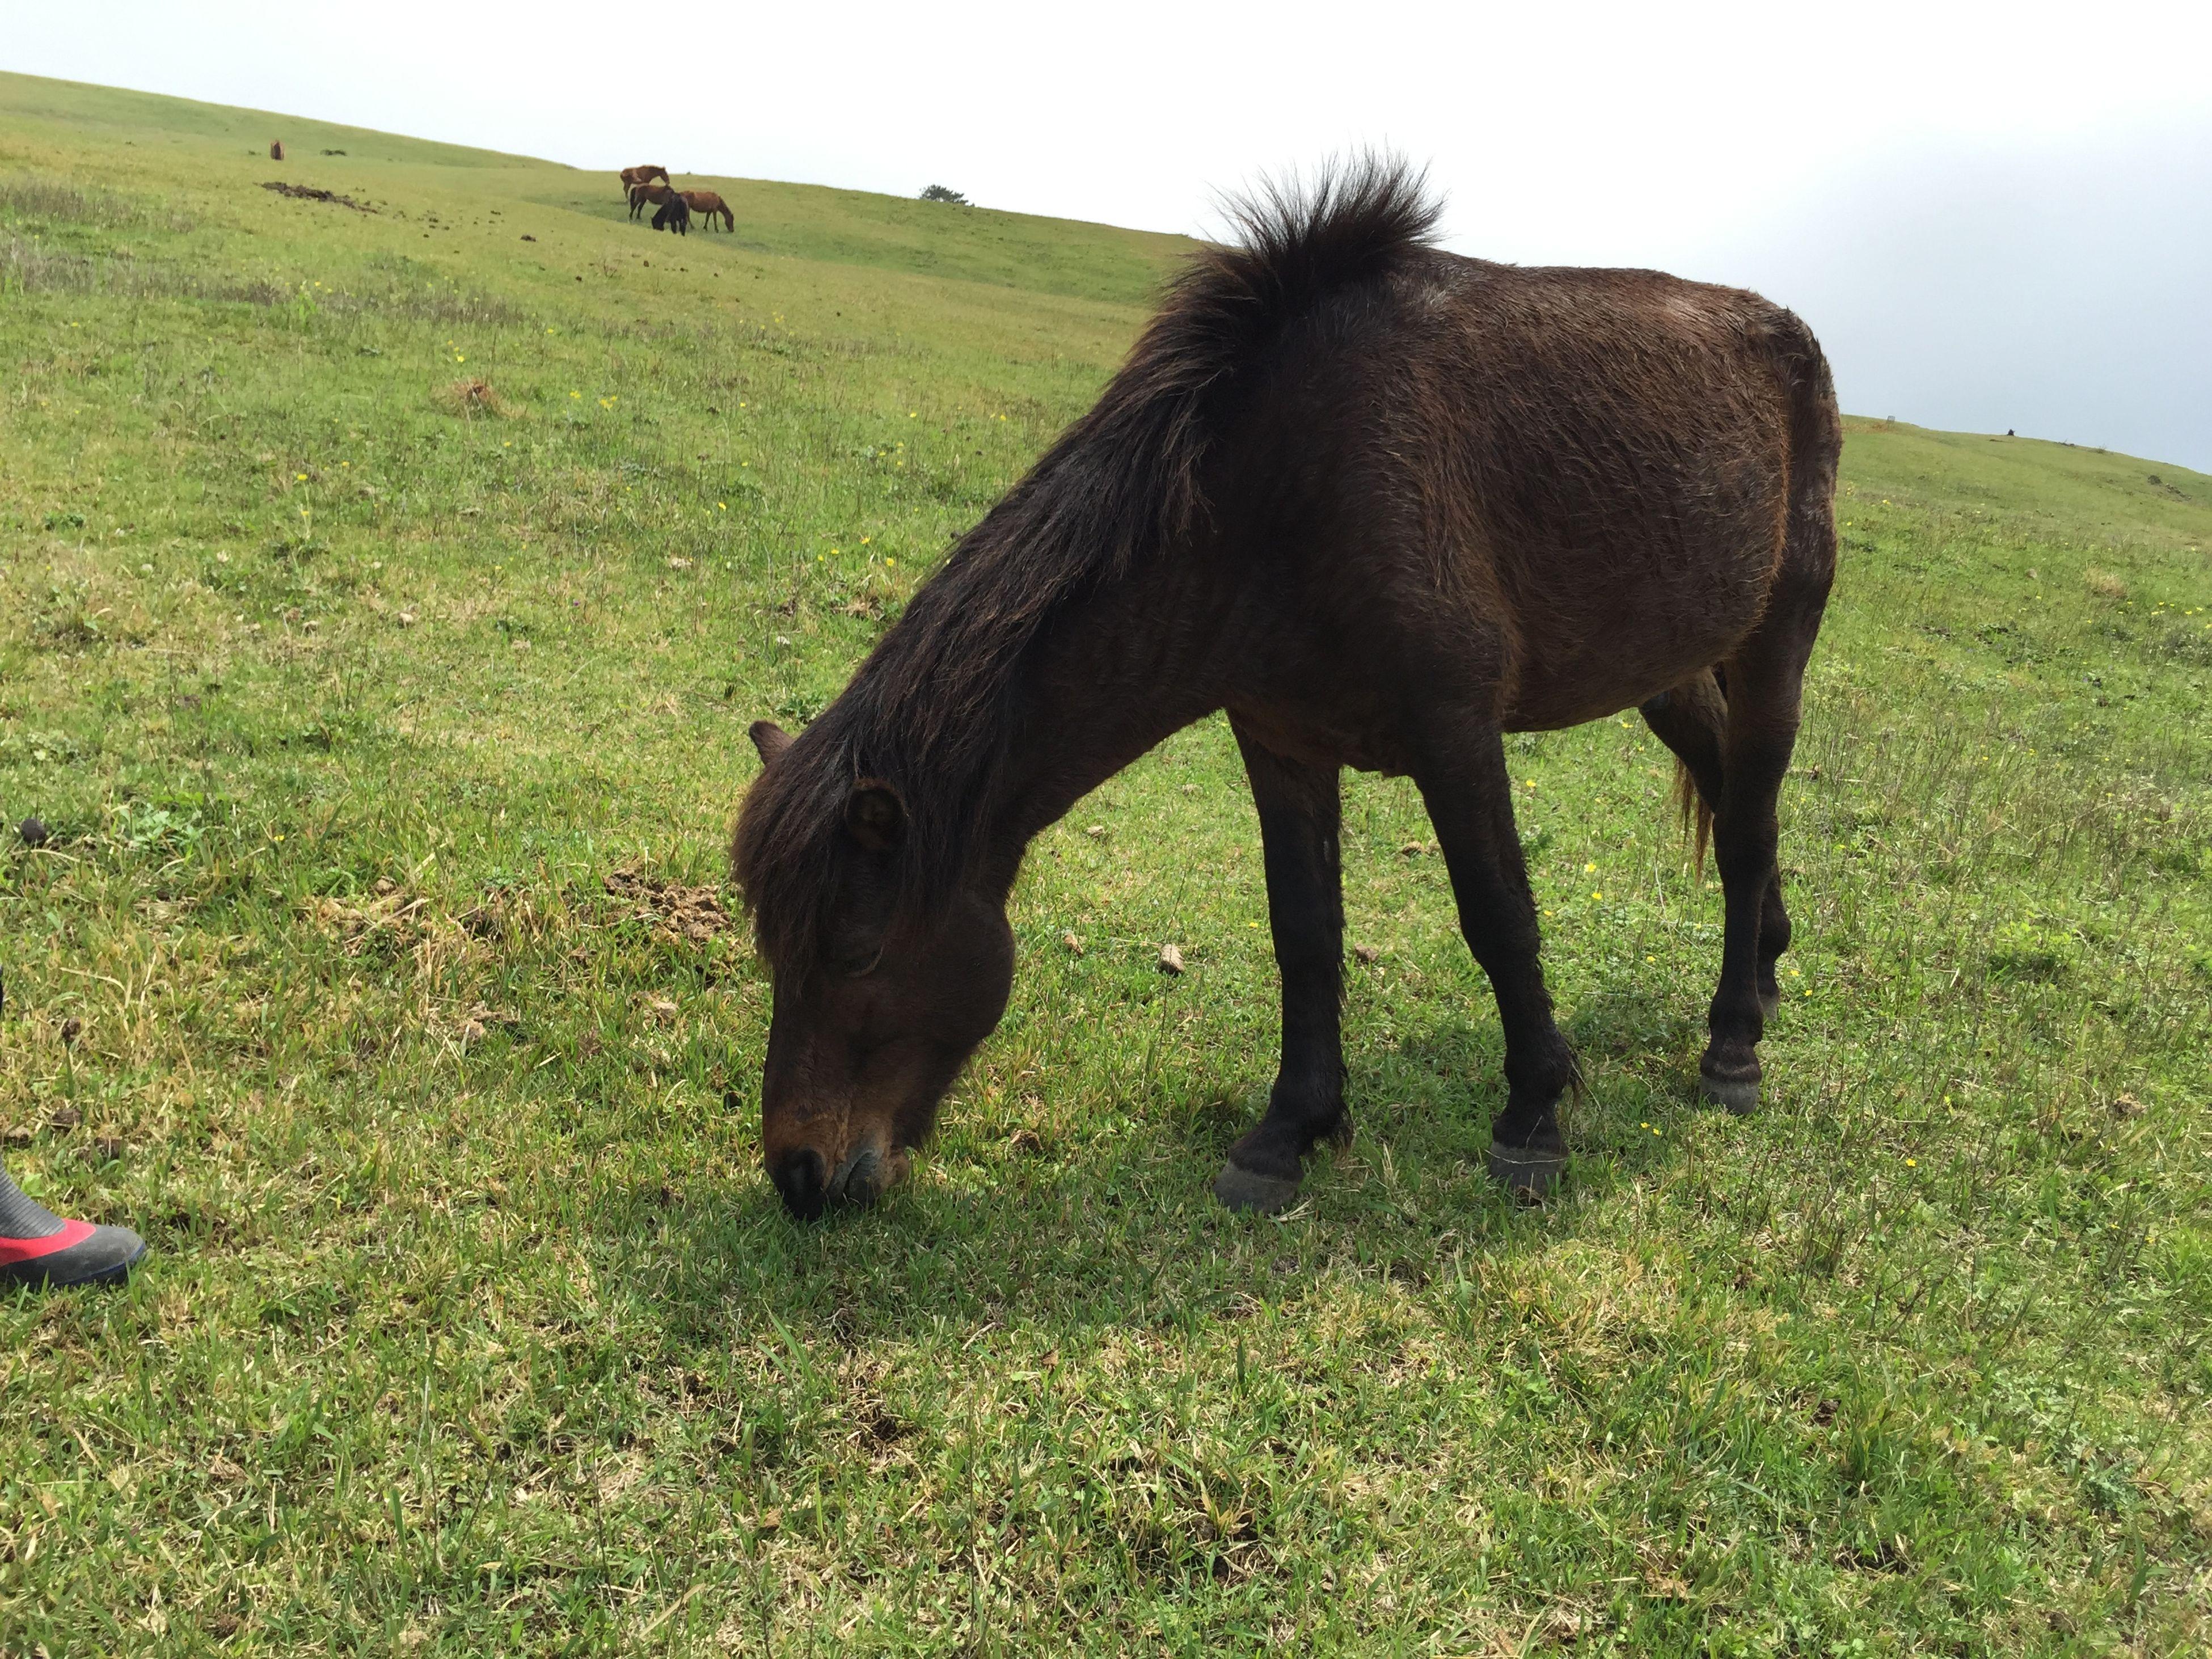 Horse Grass Wildlife Animals